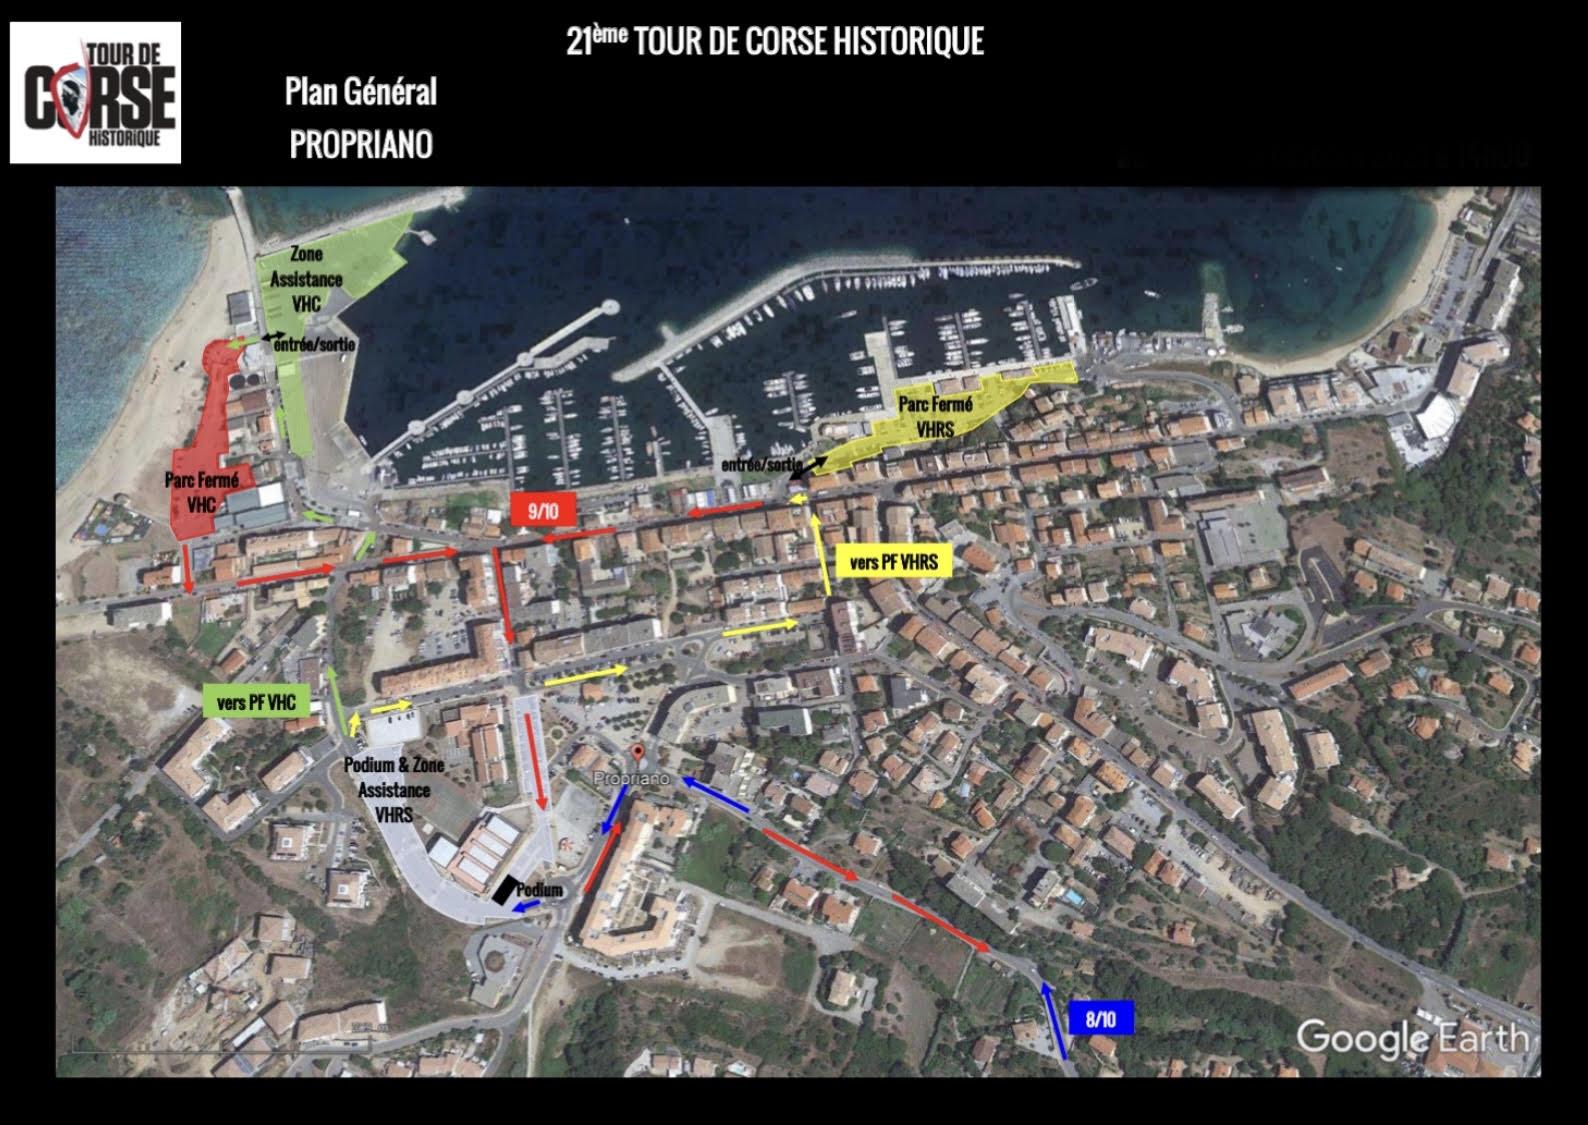 [Info Circulation ] Propriano, ville étape du Tour de Corse Historique